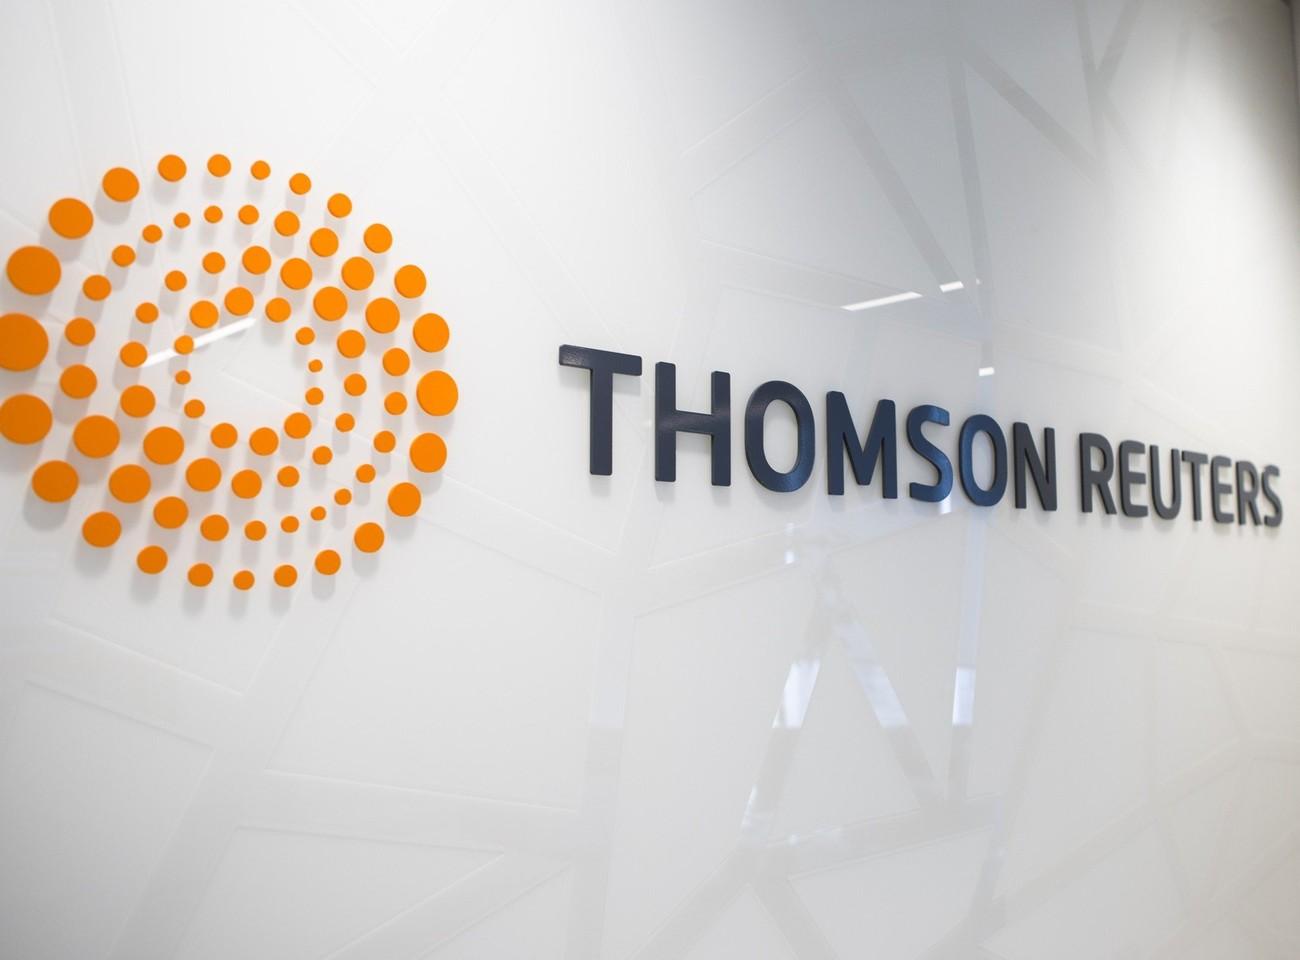 Thomson Reuters Careers